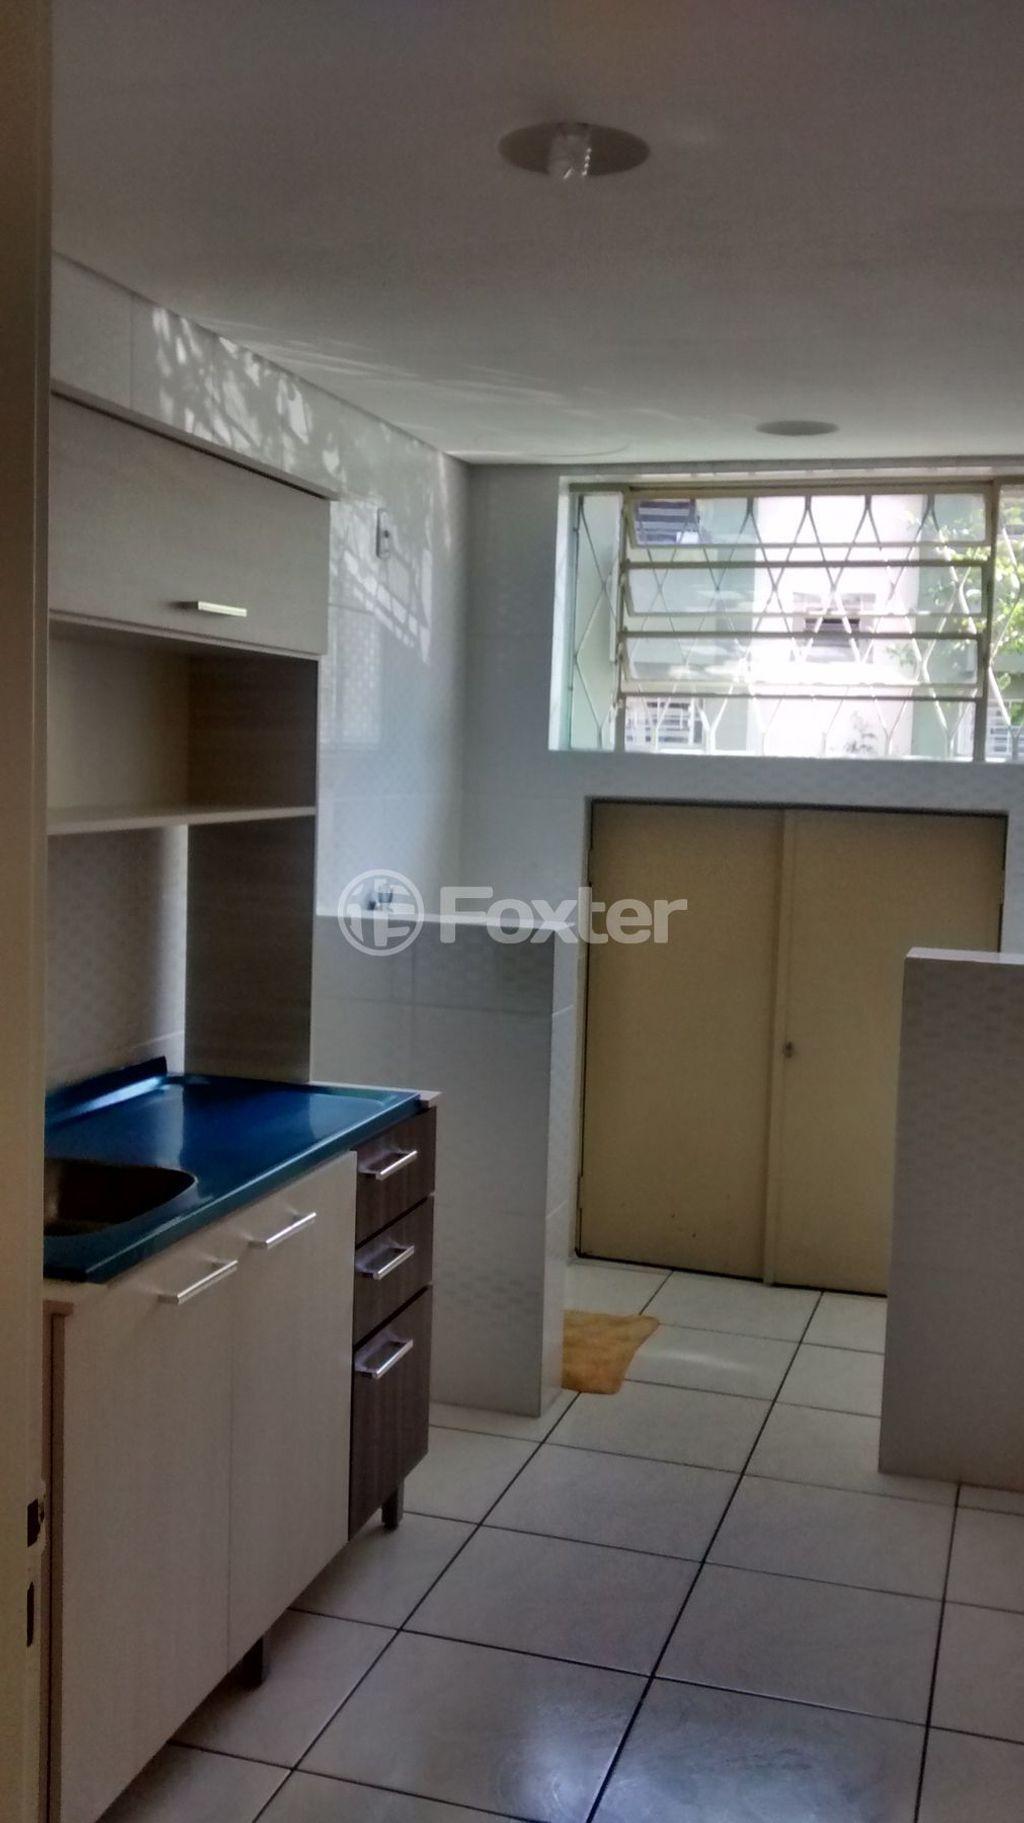 Apto 1 Dorm, Protásio Alves, Porto Alegre (130164) - Foto 9